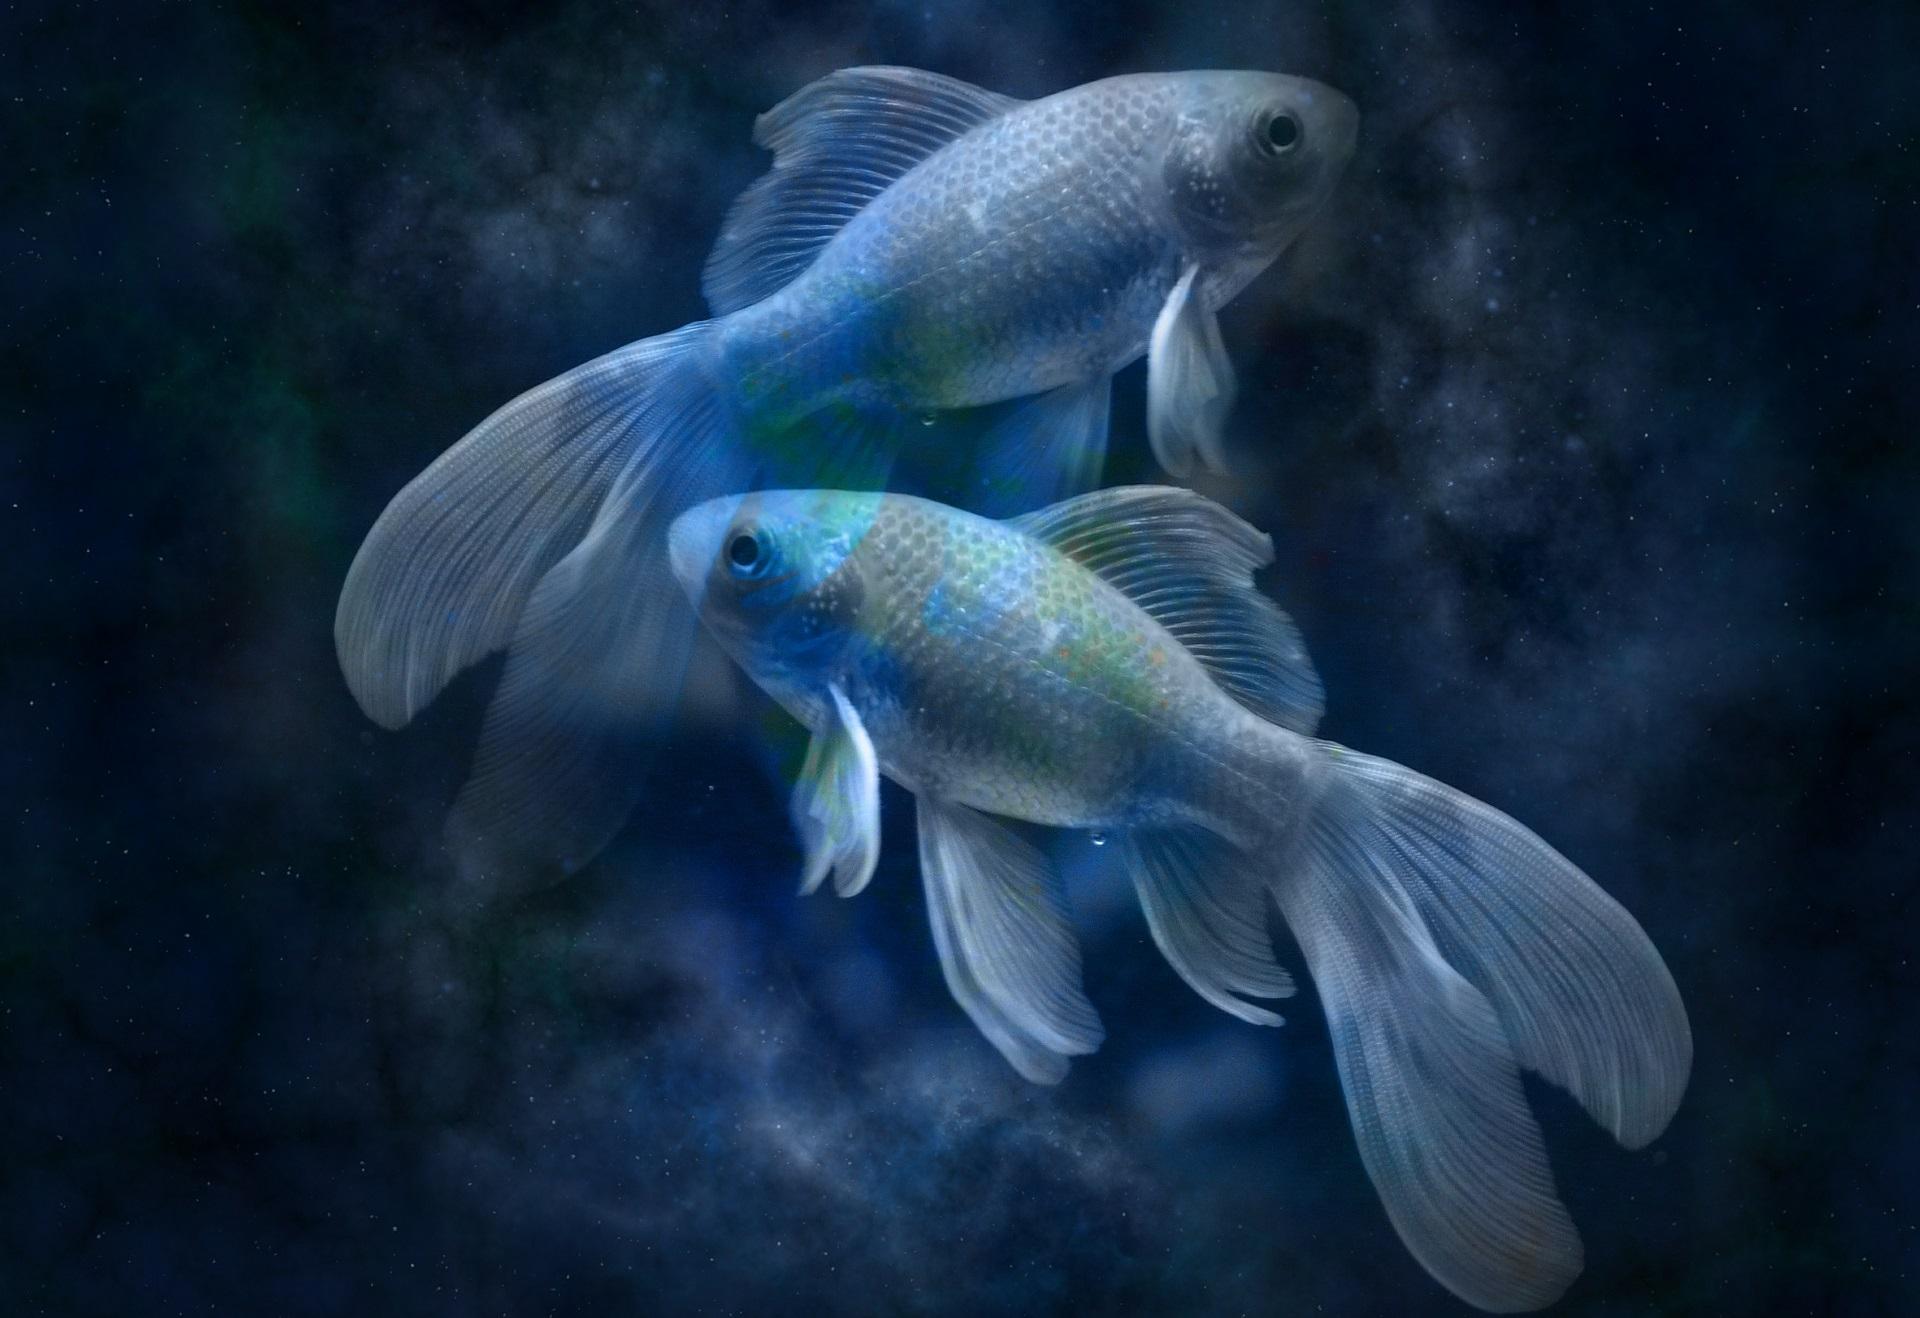 Veliki godišnji horoskop po znakovima, Nade Radanović: Ribe